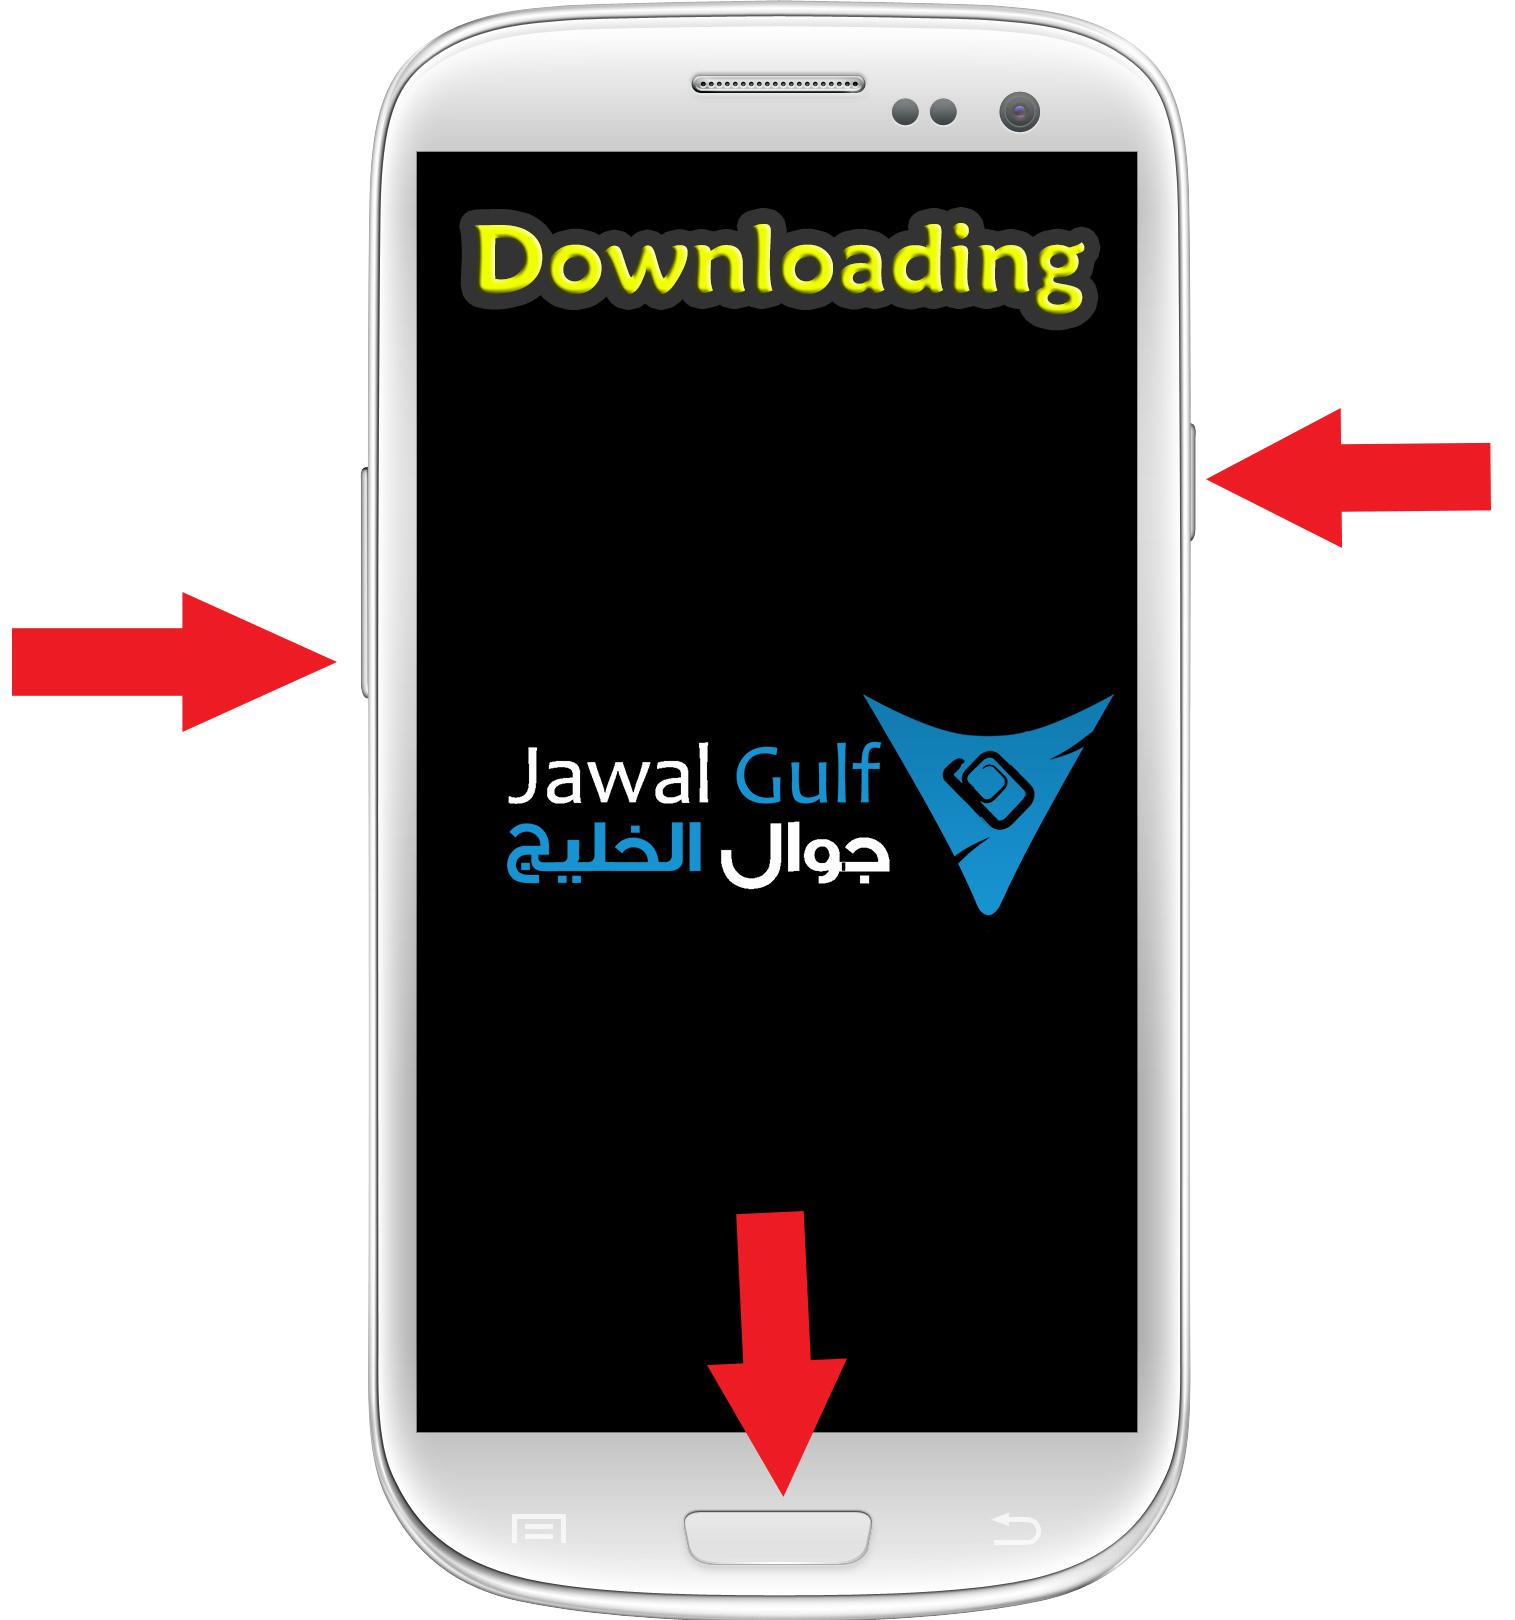 اندرويد الرسمي للجالكسي g900f اندرويد Downloading.jpg